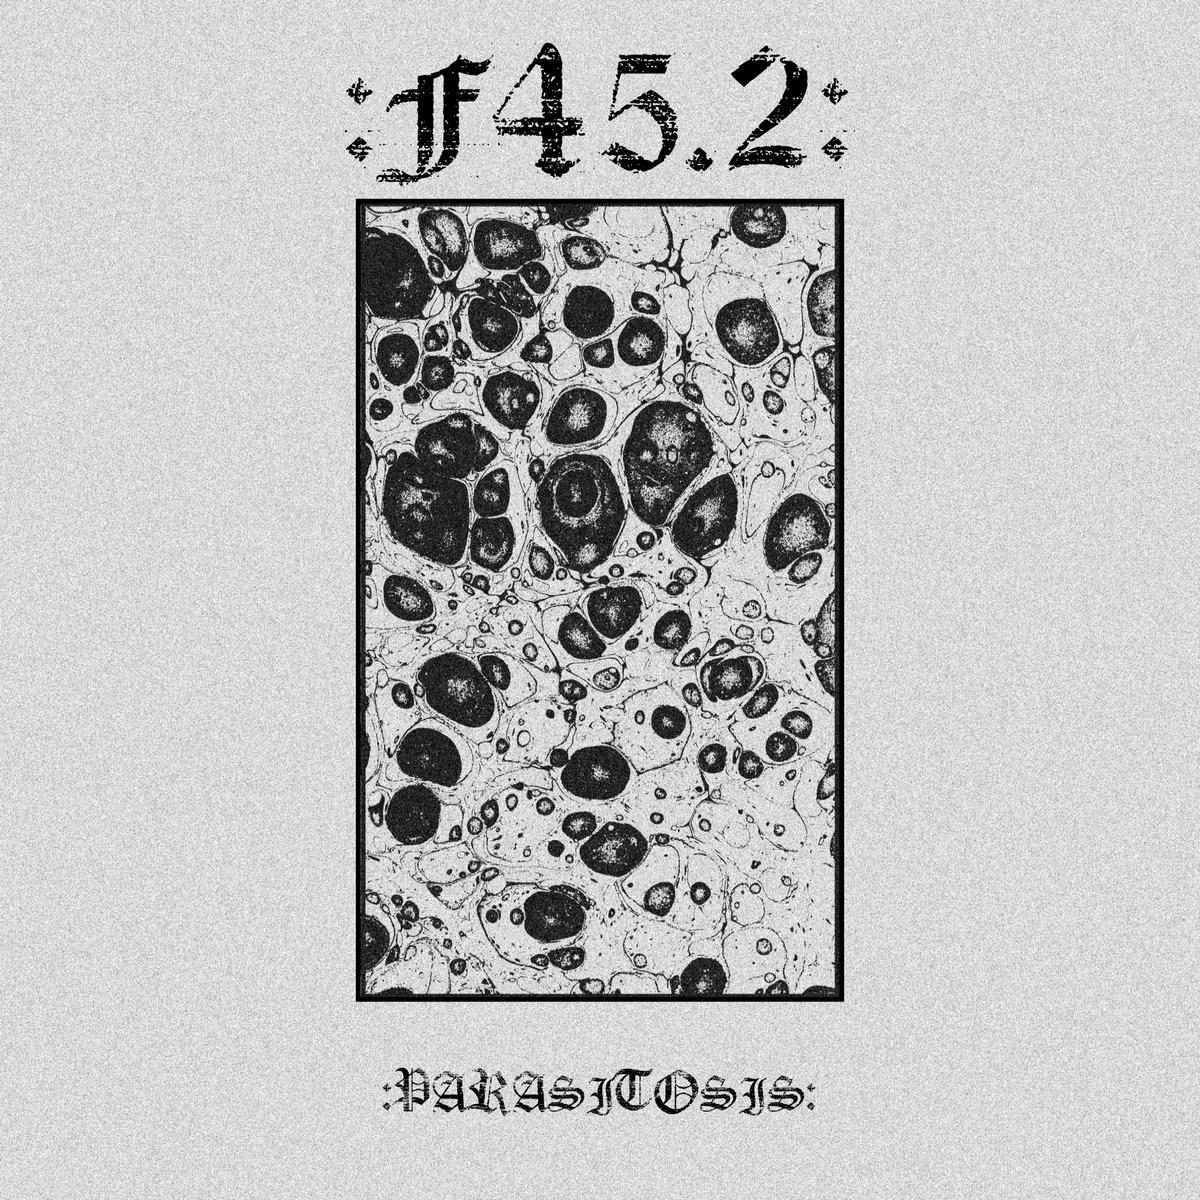 F45.2 - Parasitosis